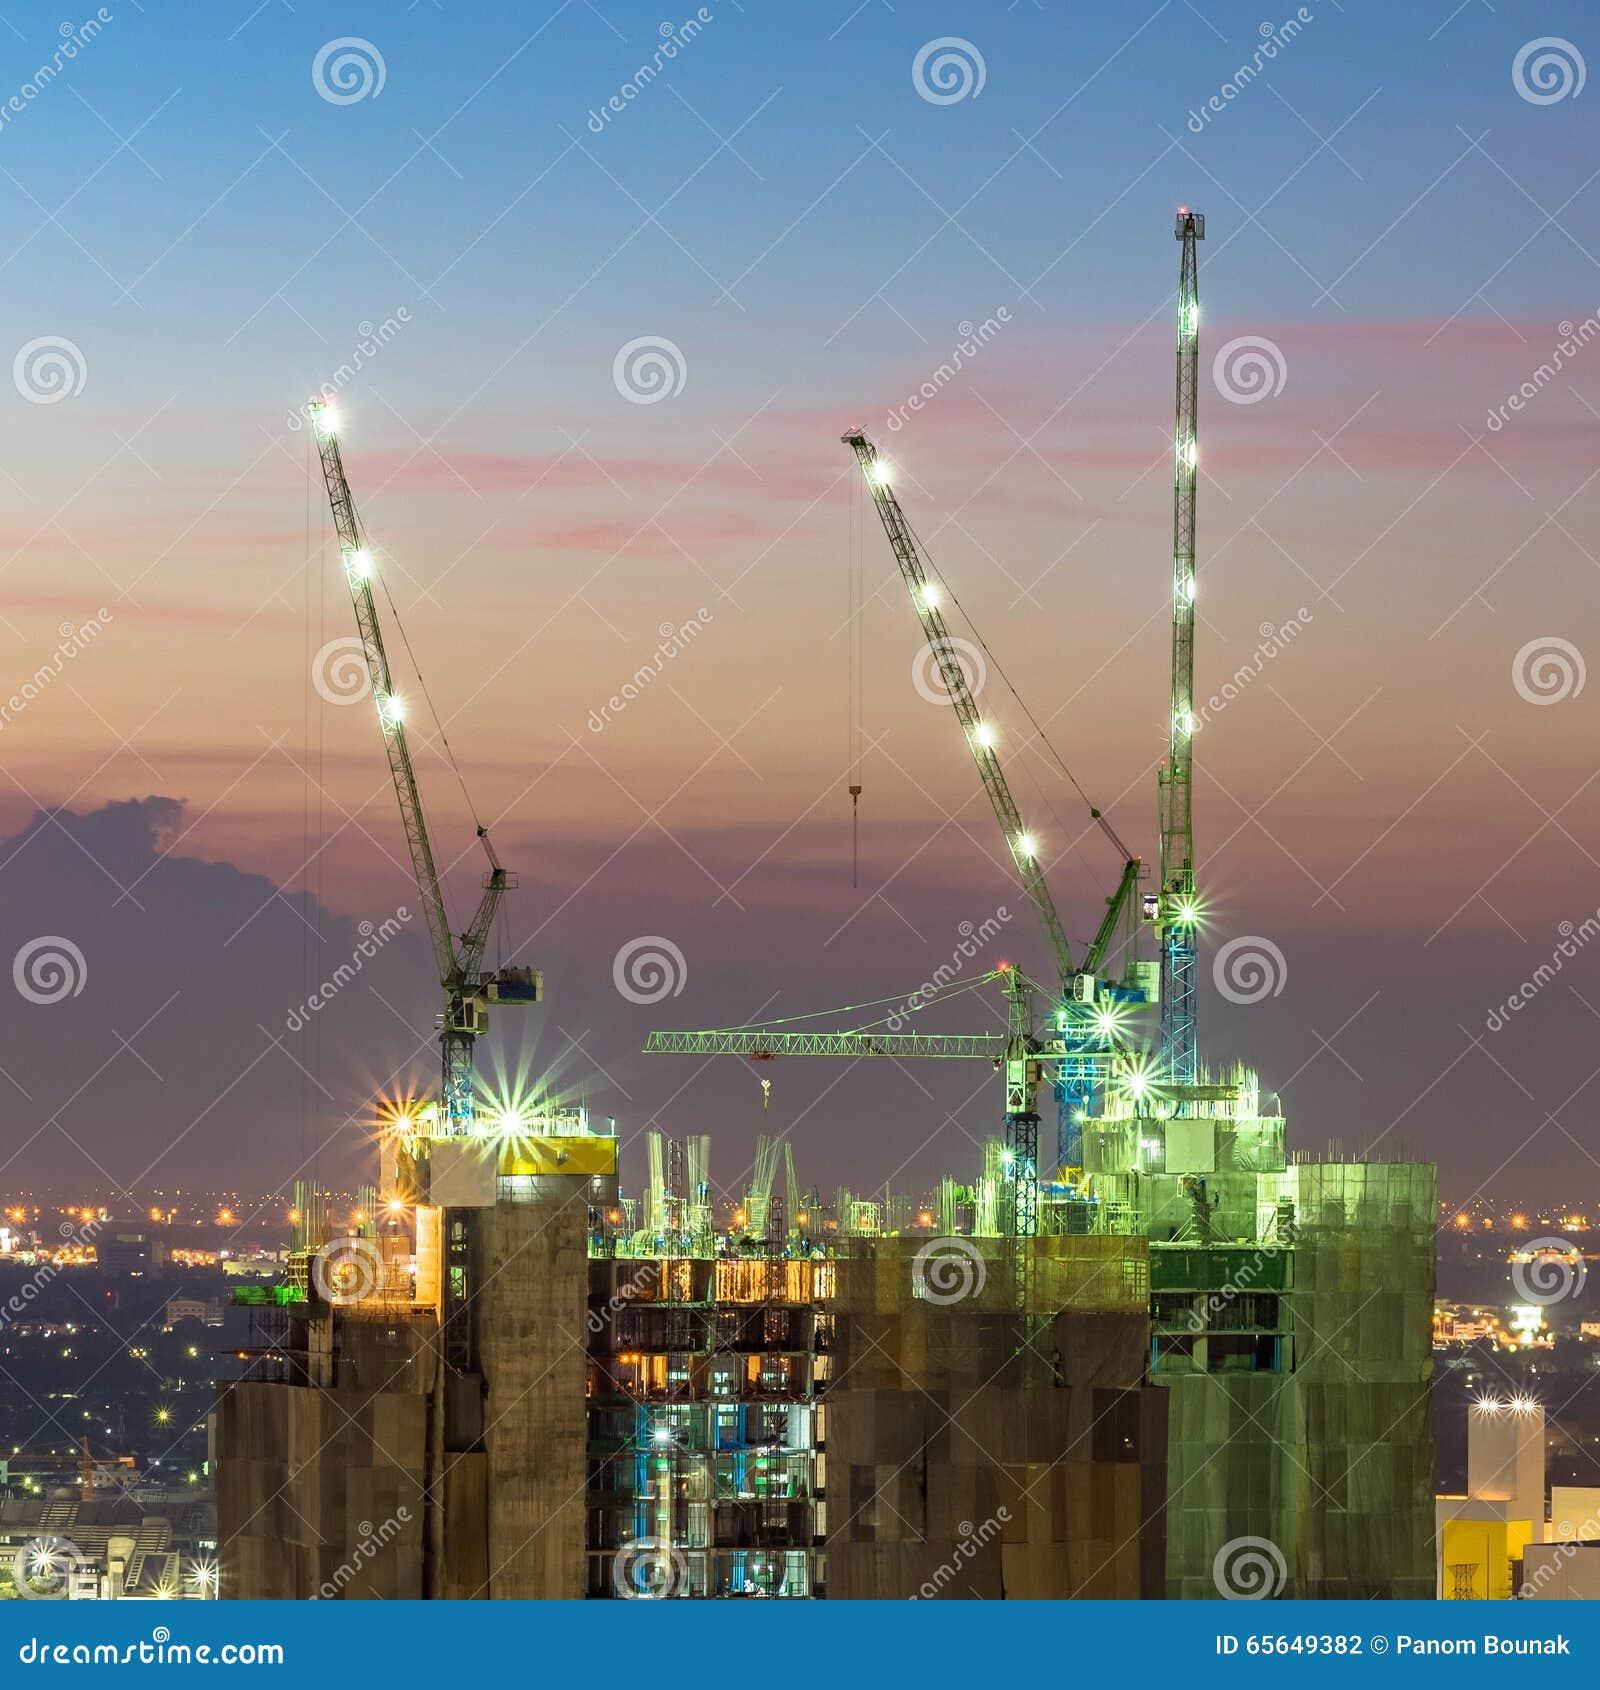 Grues de construction industrielles au chantier de construction